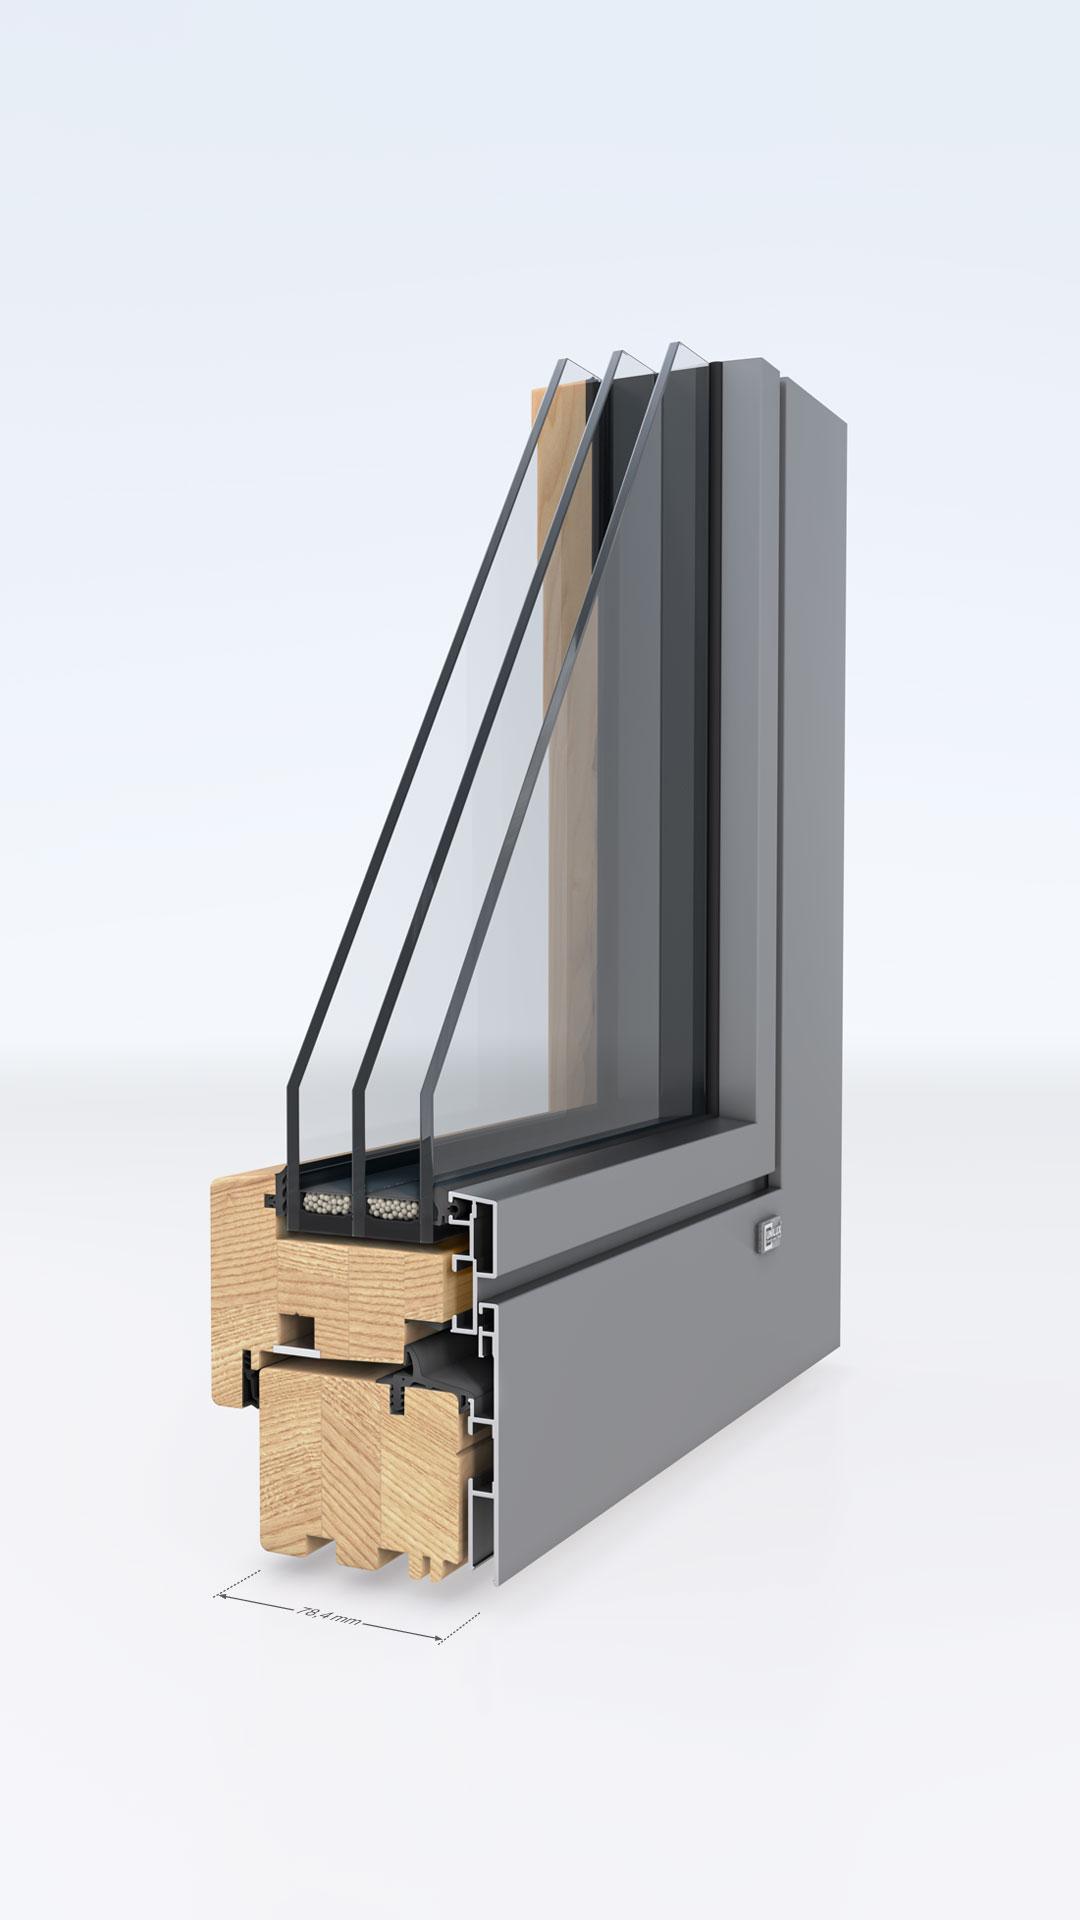 Full Size of Aluminium Fenster Uniluvorteile Holz Alu Deutsch Veka Kaufen In Polen Kunststoff Sicherheitsfolie Test Wärmeschutzfolie Dänische Einbruchschutz Folie Fenster Aluminium Fenster